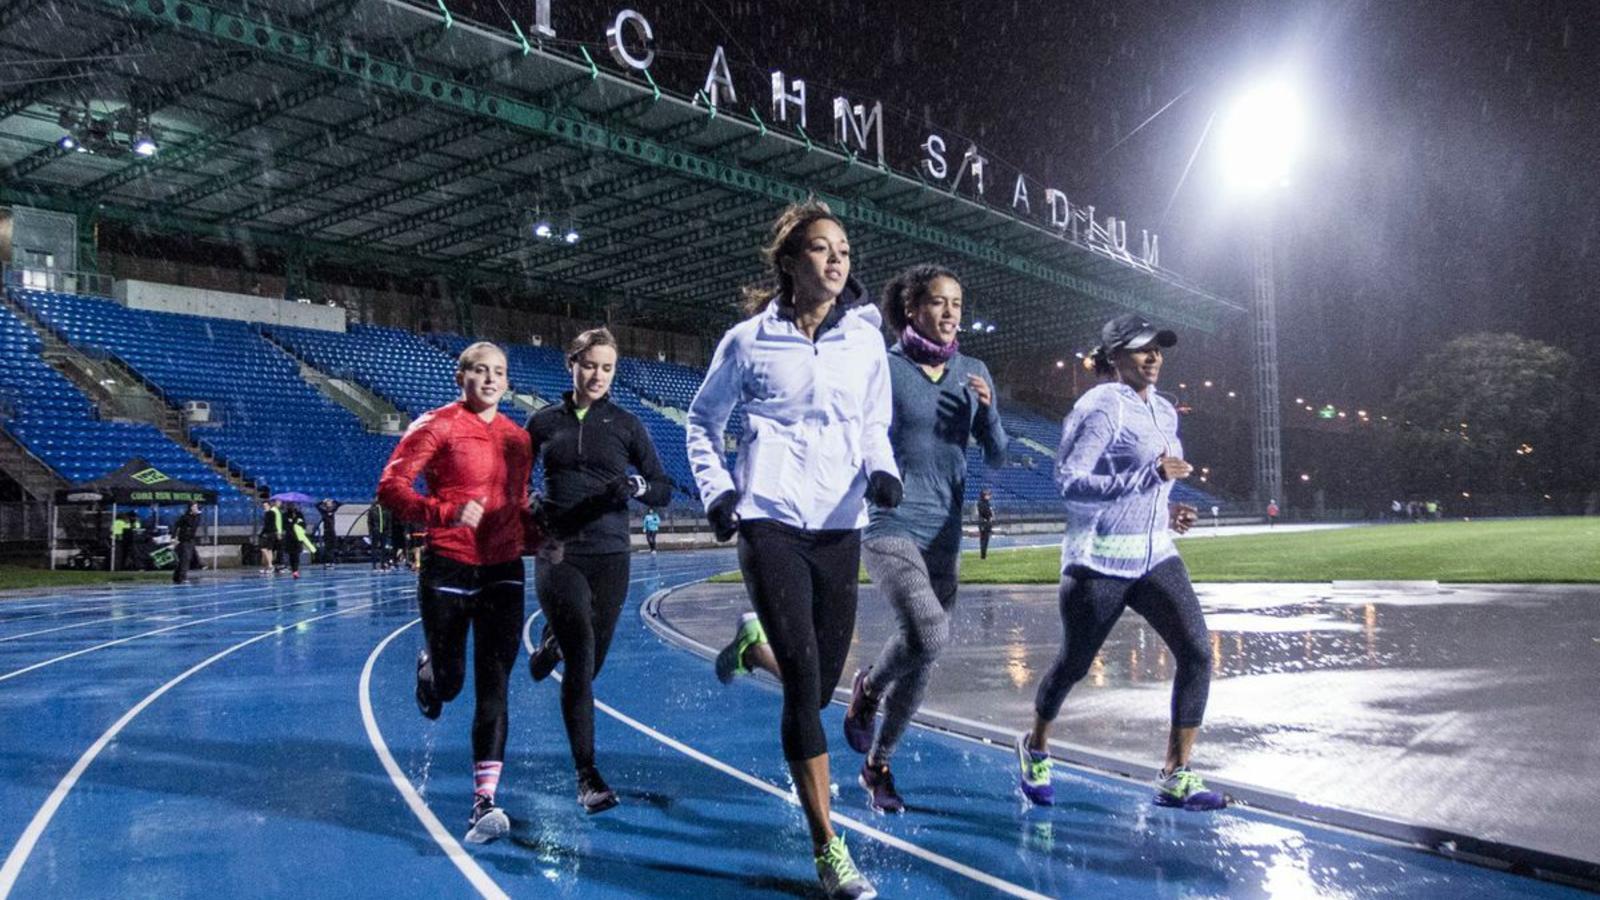 Track Workout at Icahn stadium